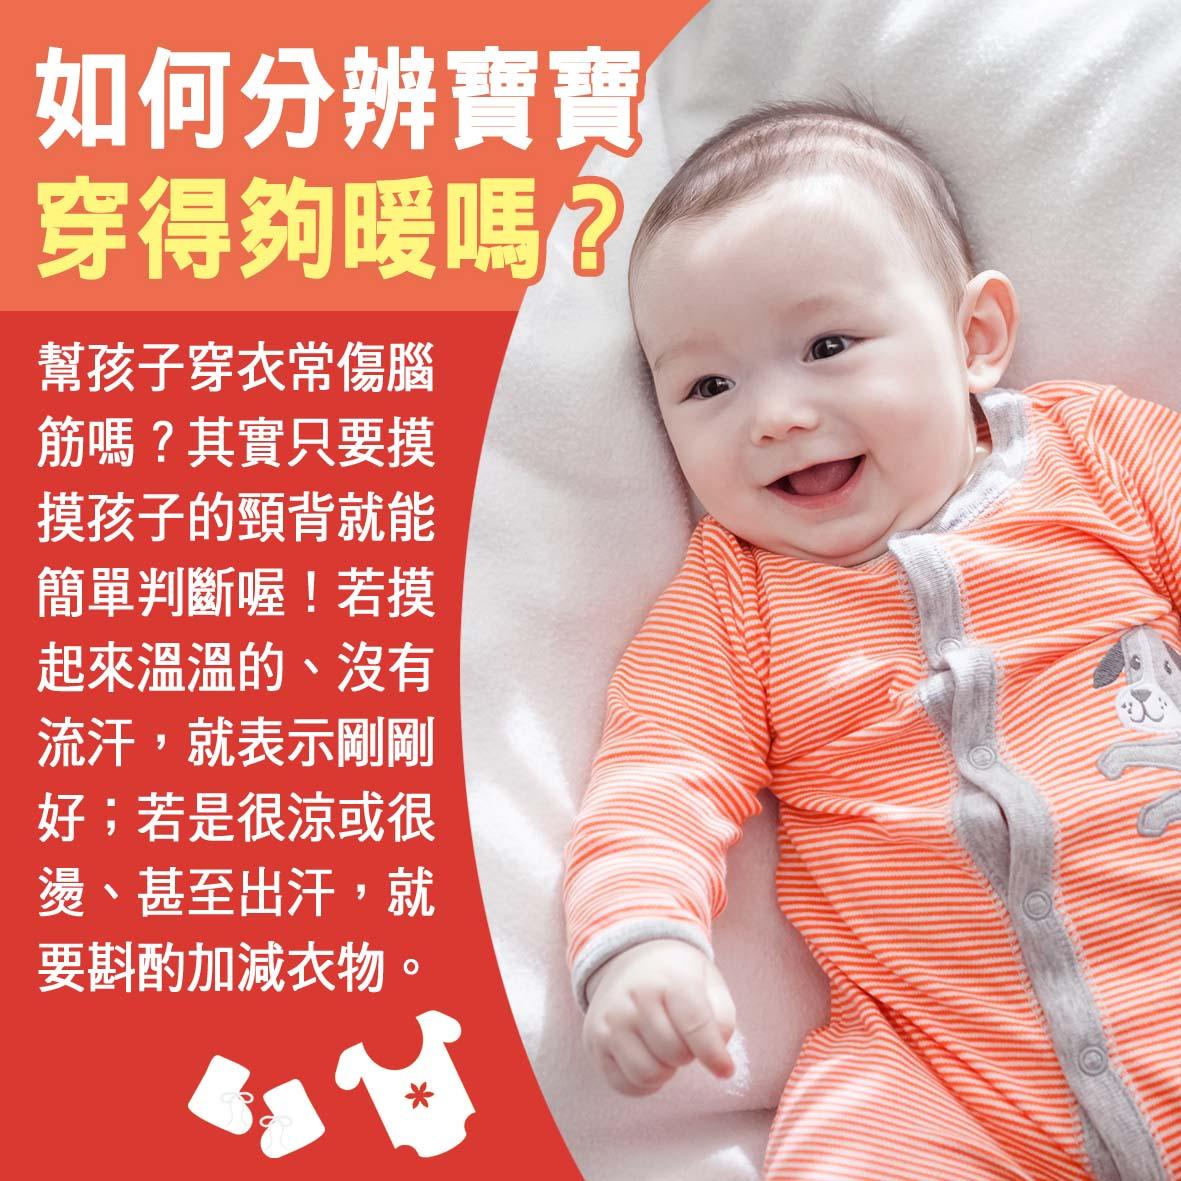 寶寶篇第17週--如何分辨寶寶穿得過暖嗎?